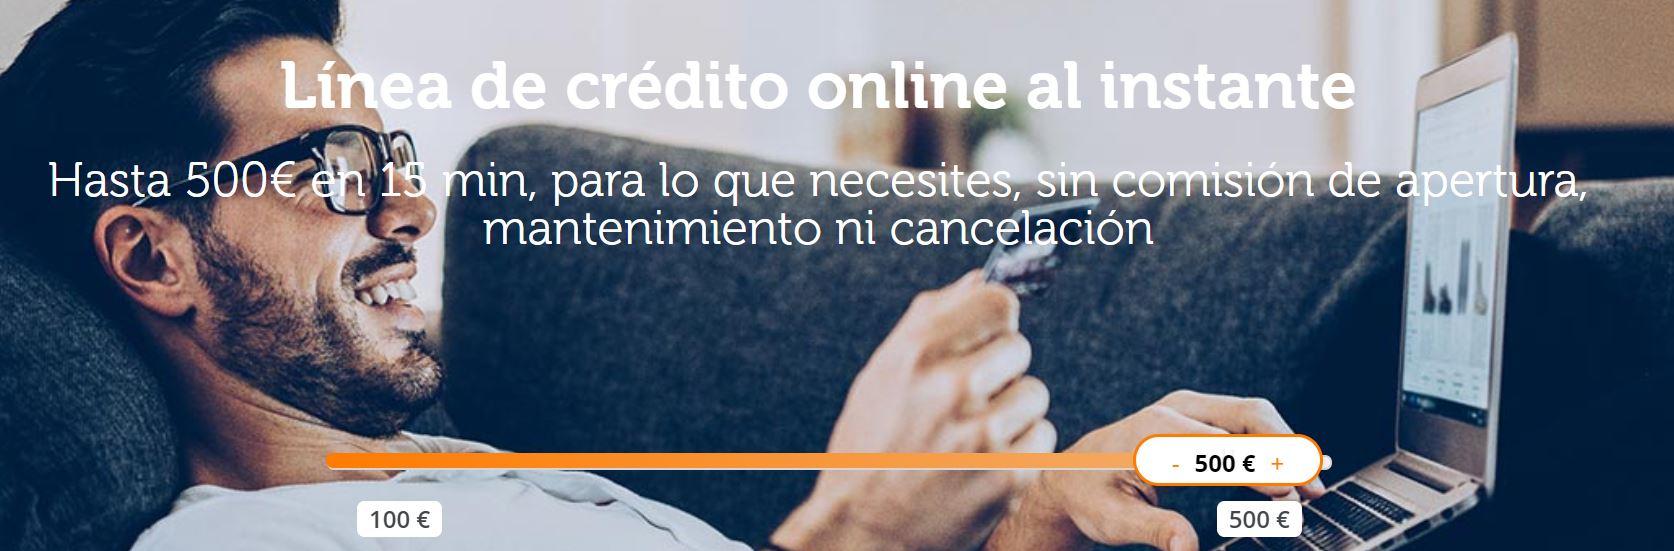 Solicitar un crédito individuale s la mejor forma de aliviar una urgencia económica.